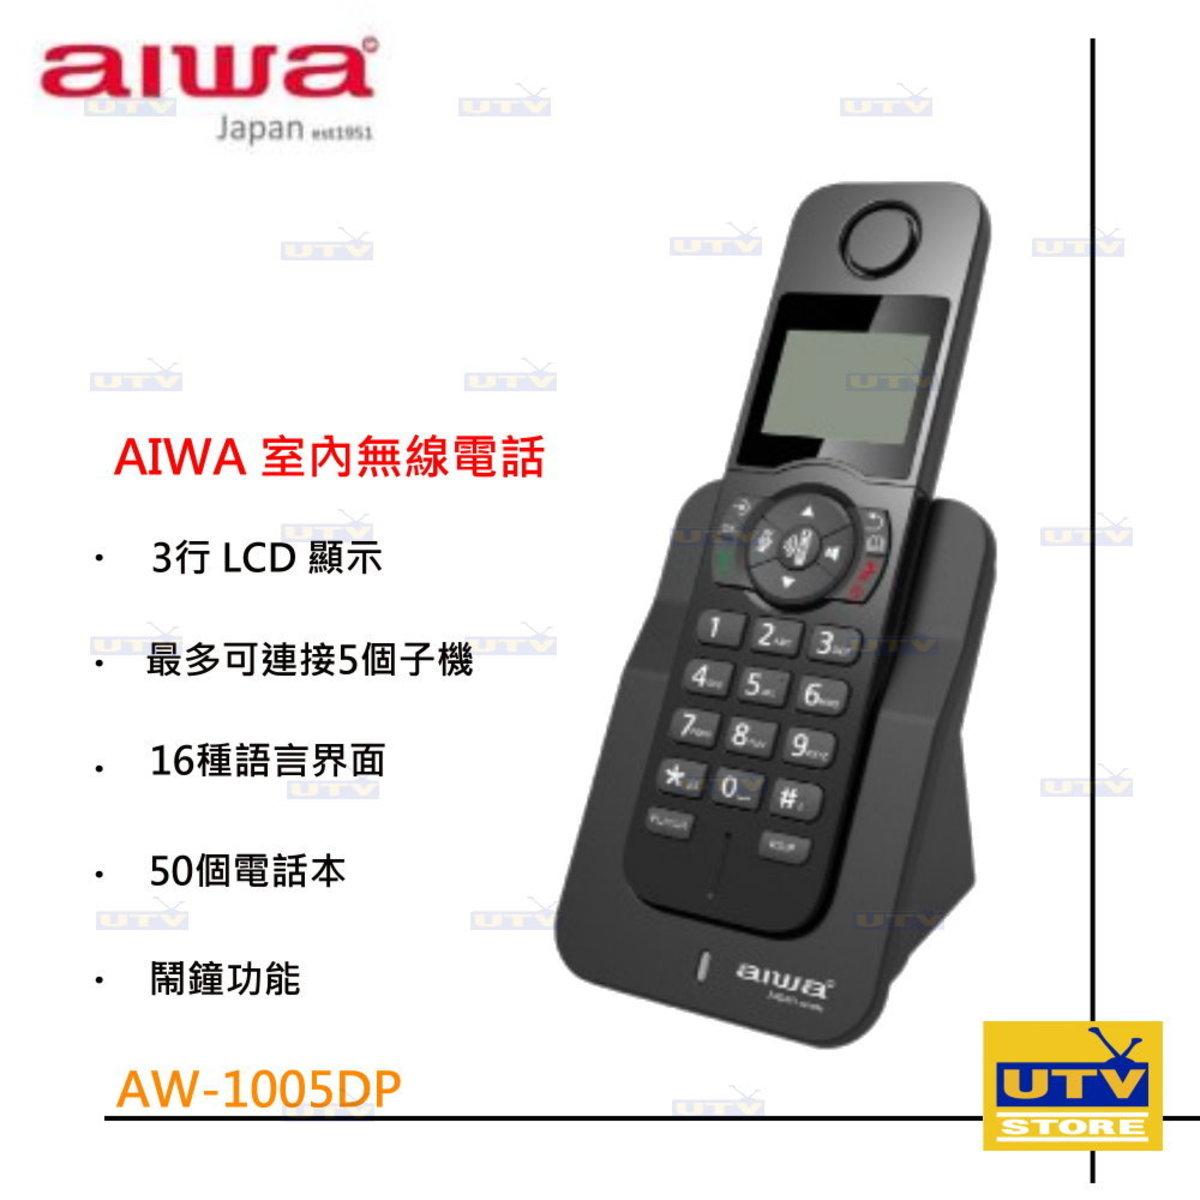 AW1005DP 室內無線電話